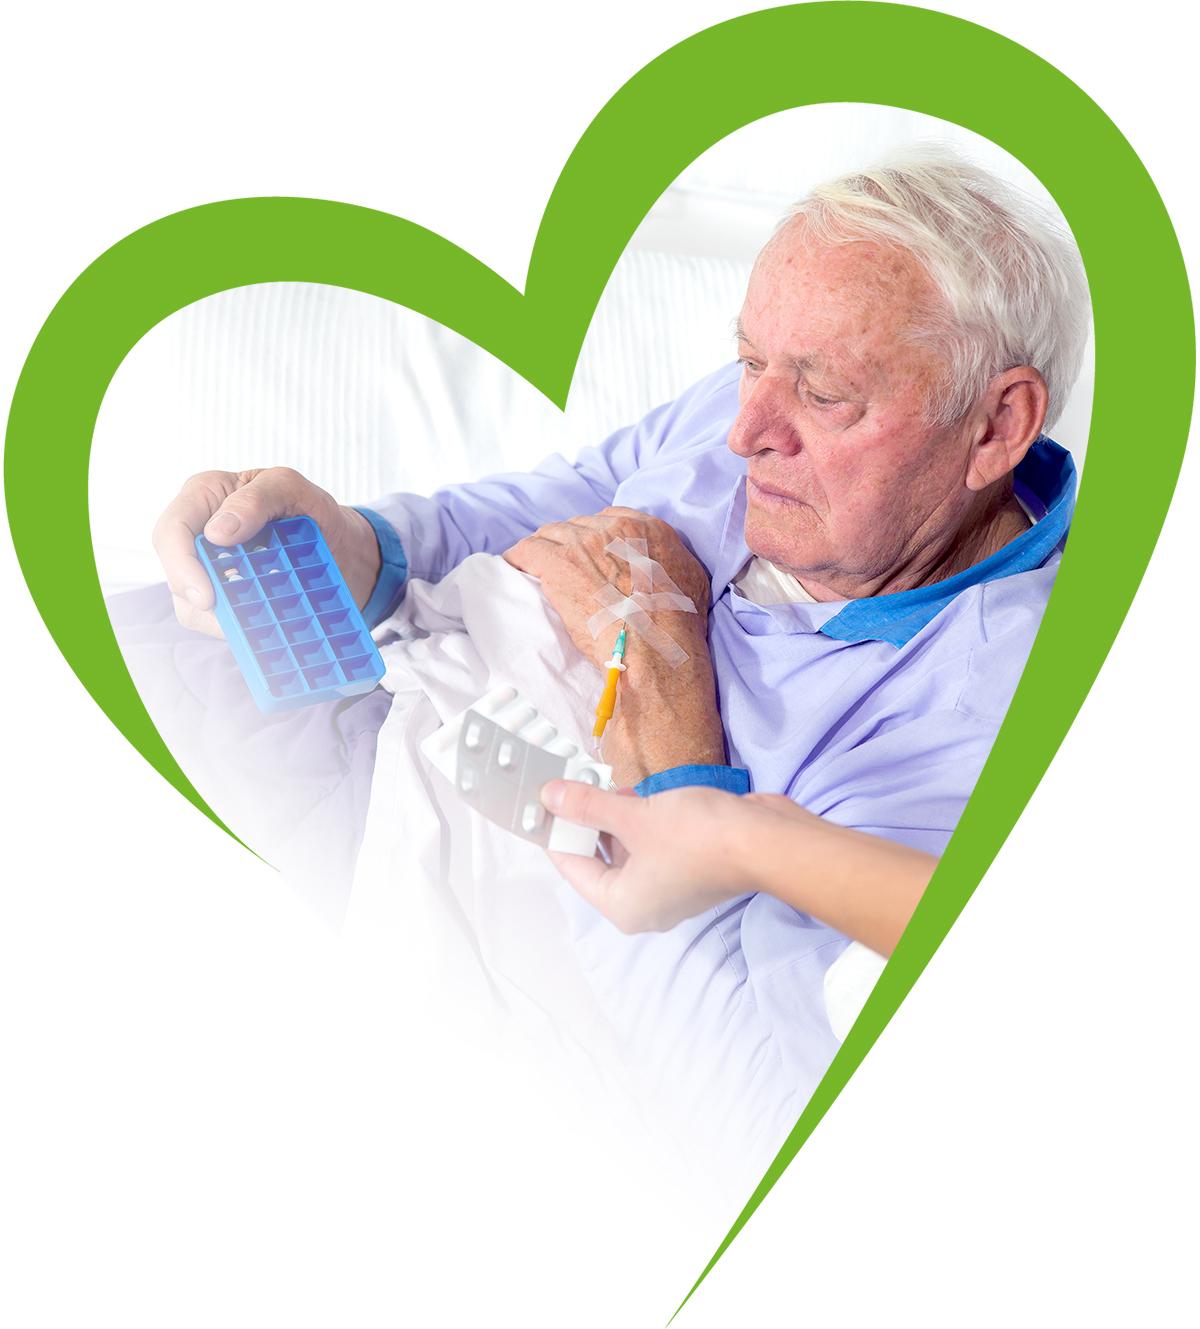 Pflegedienst Langenzenn, Intensivpflege Langenzenn, Pflege Veitsbronn / Langenzenn